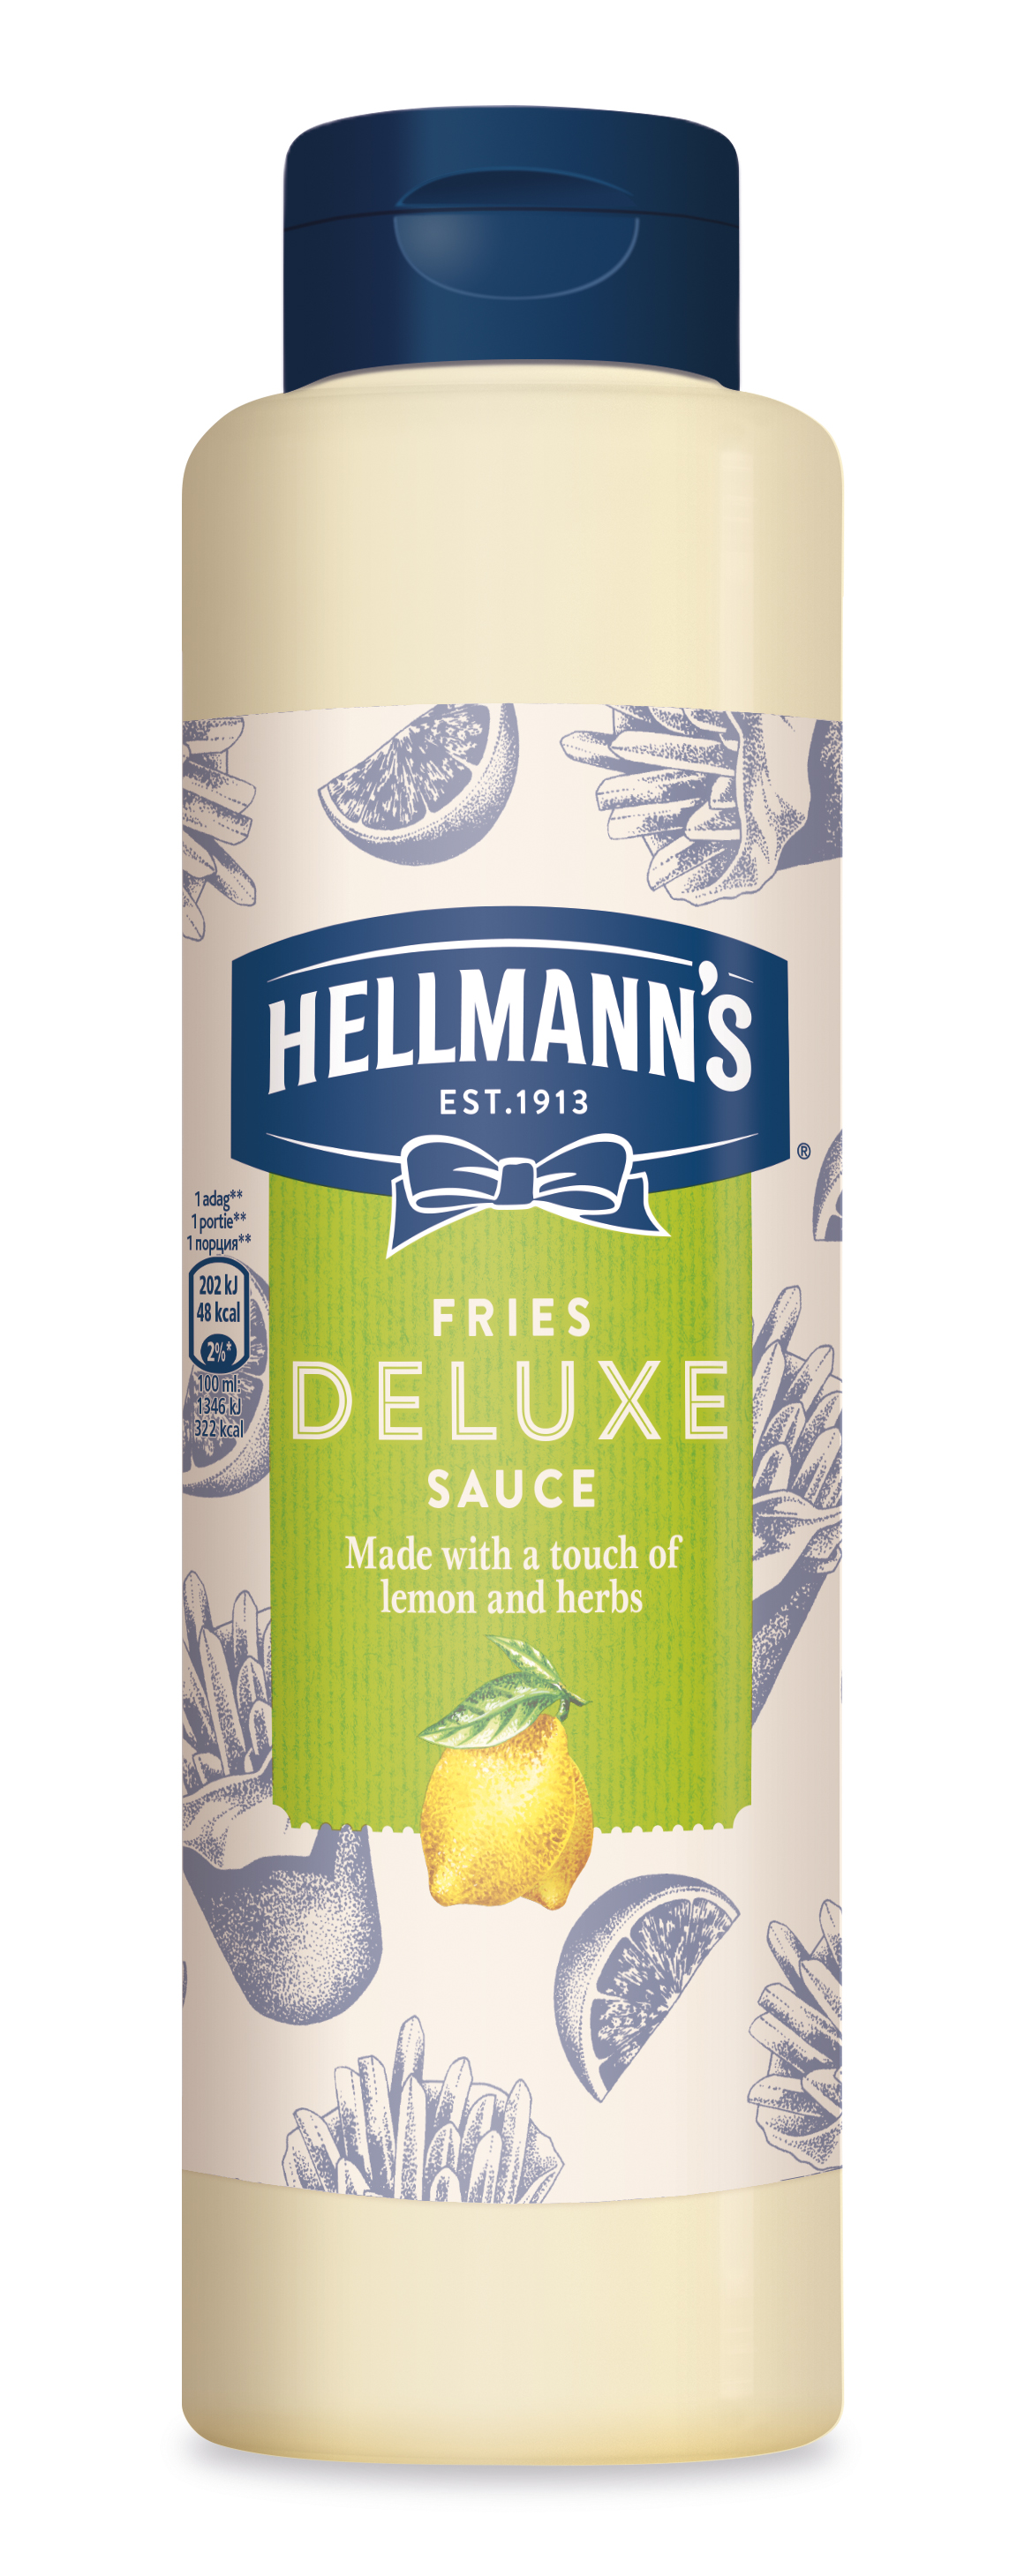 Hellmanns Fries Deluxe umak s limunom i začinskim biljem 850 ml - Pokažite kvalitetu svojim gostima